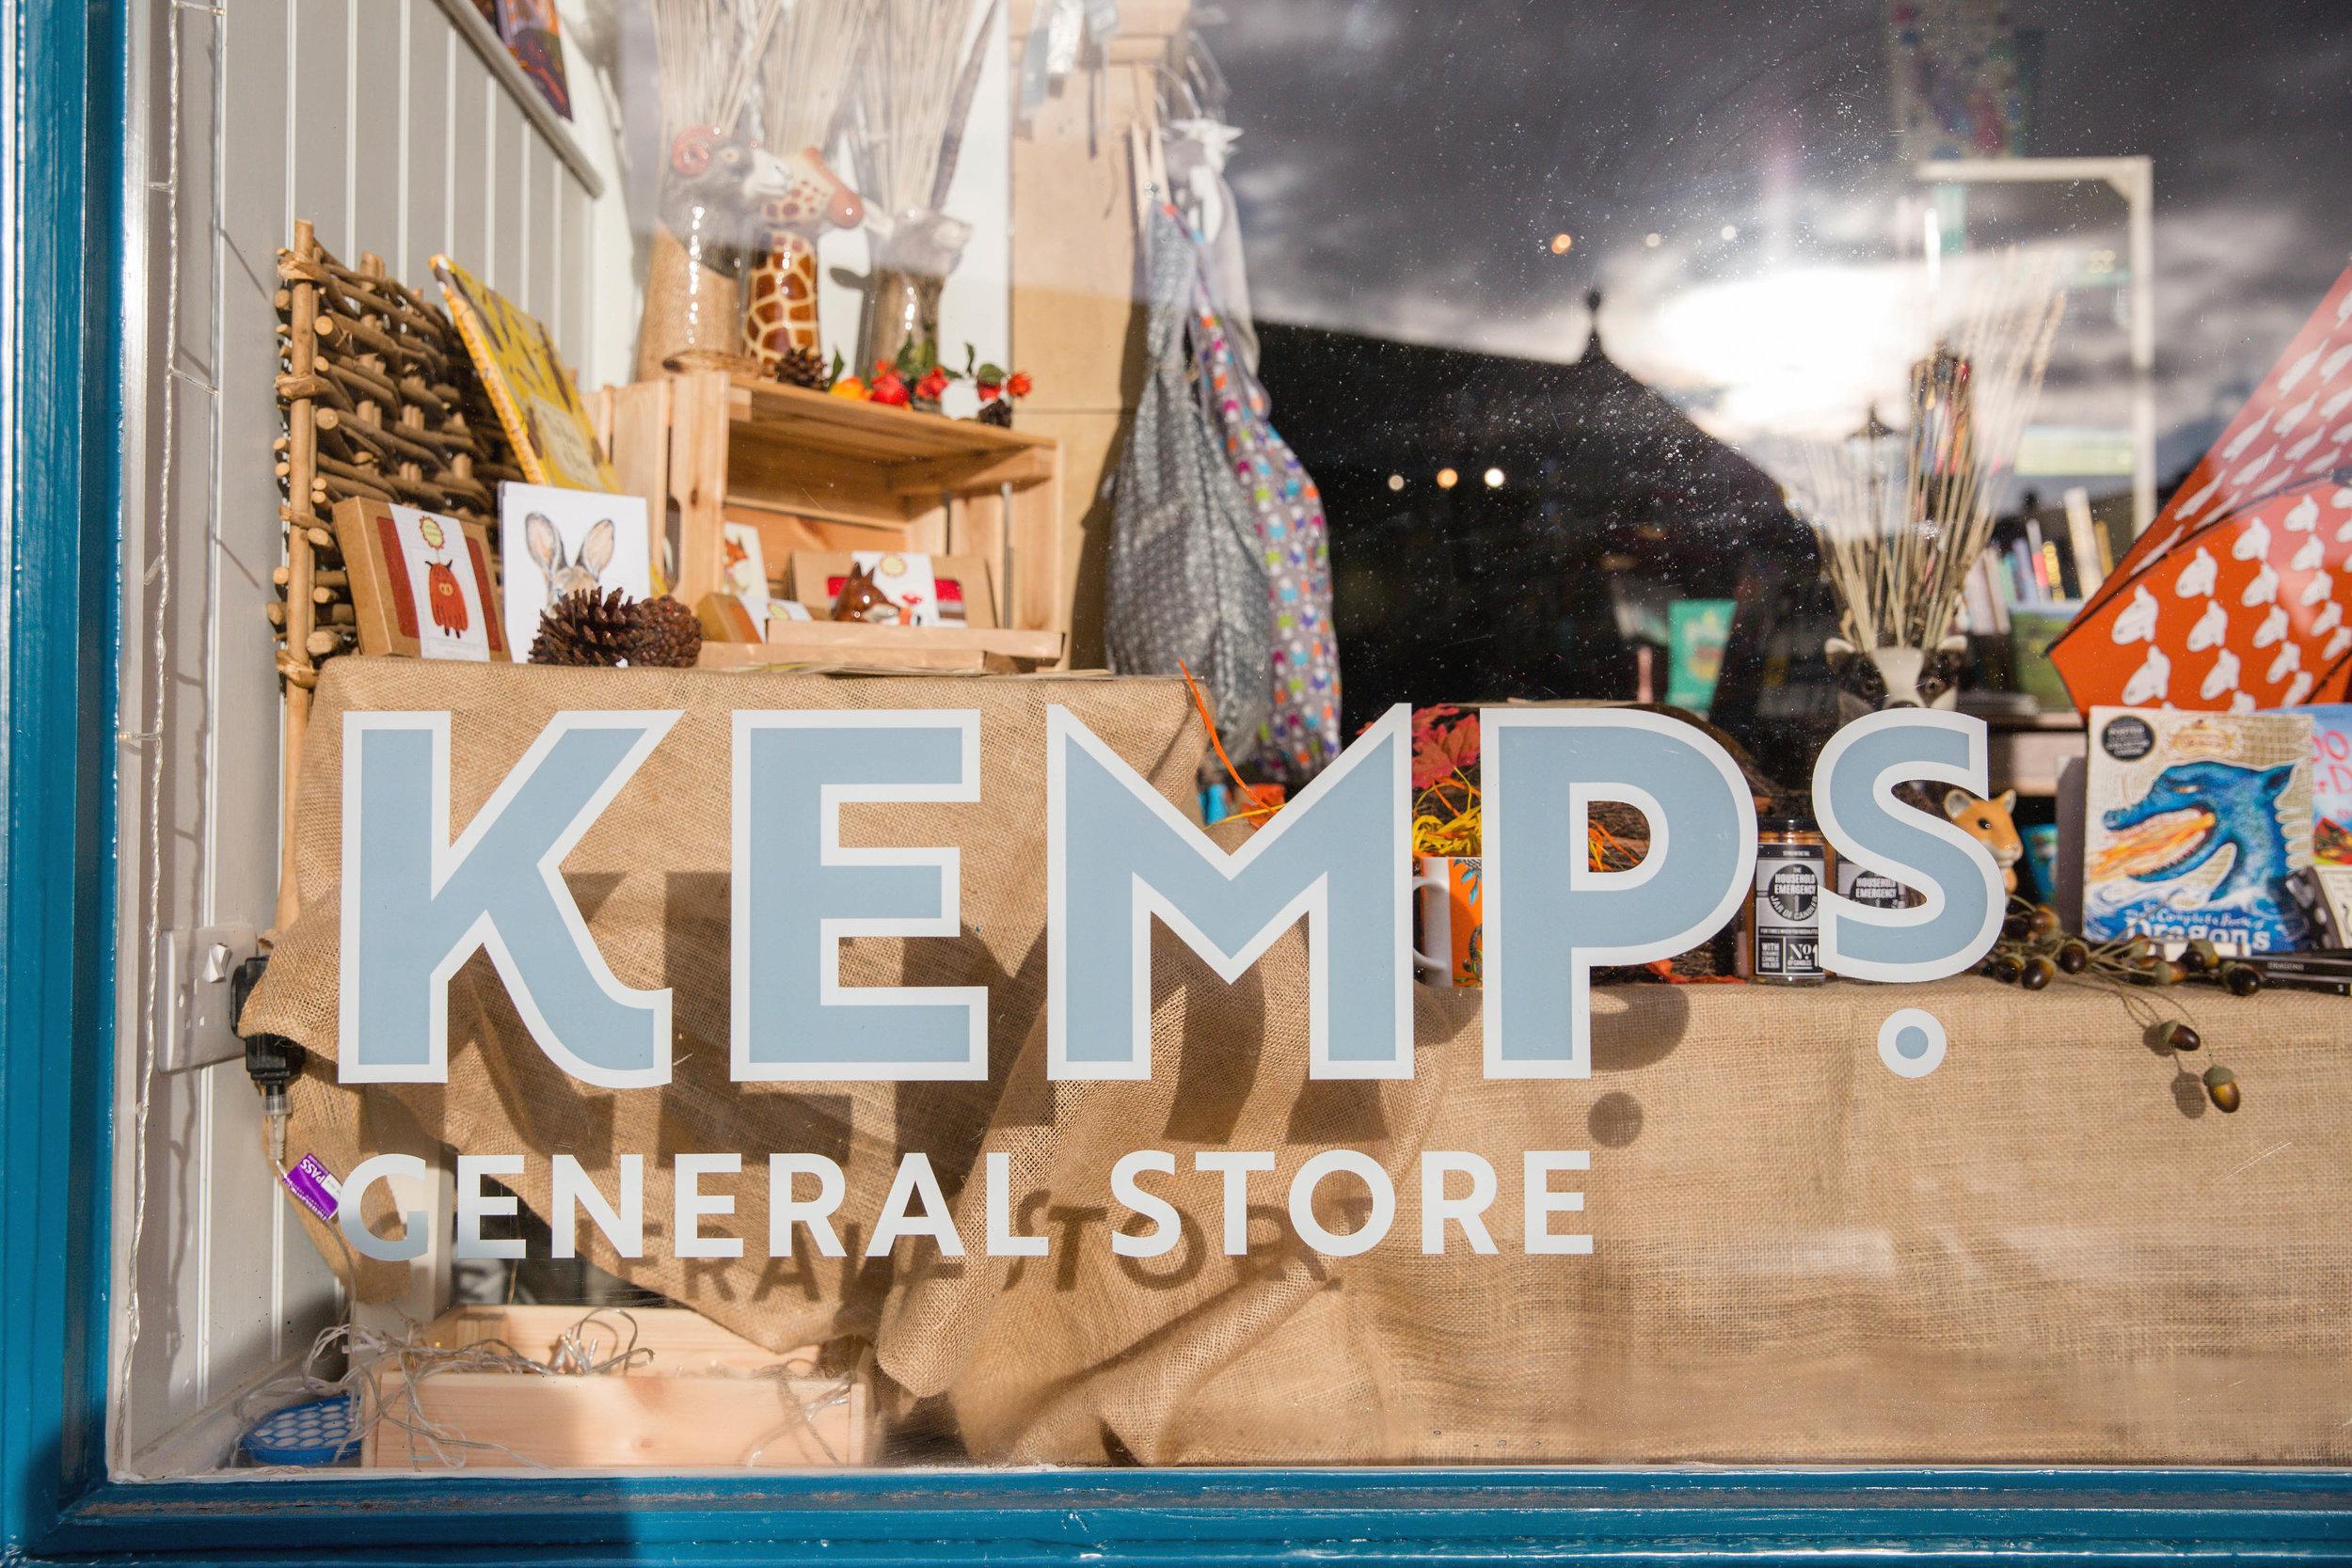 kemps-general-store-001.jpg